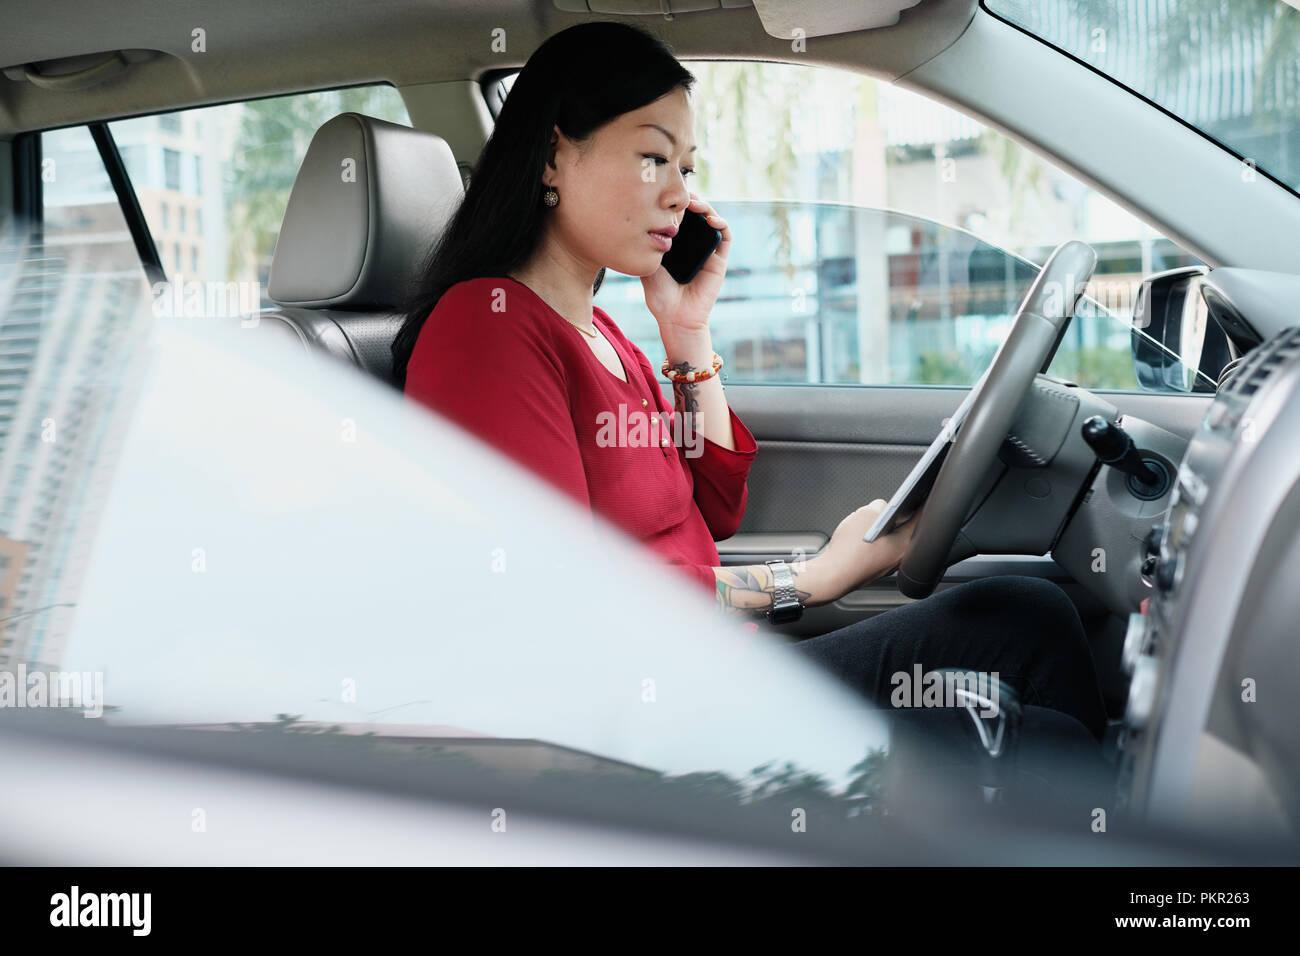 Efficiente femminile cinese manager che lavora in auto. Successo imprenditrice asiatici sorridente e parlando al cellulare. Immagini Stock